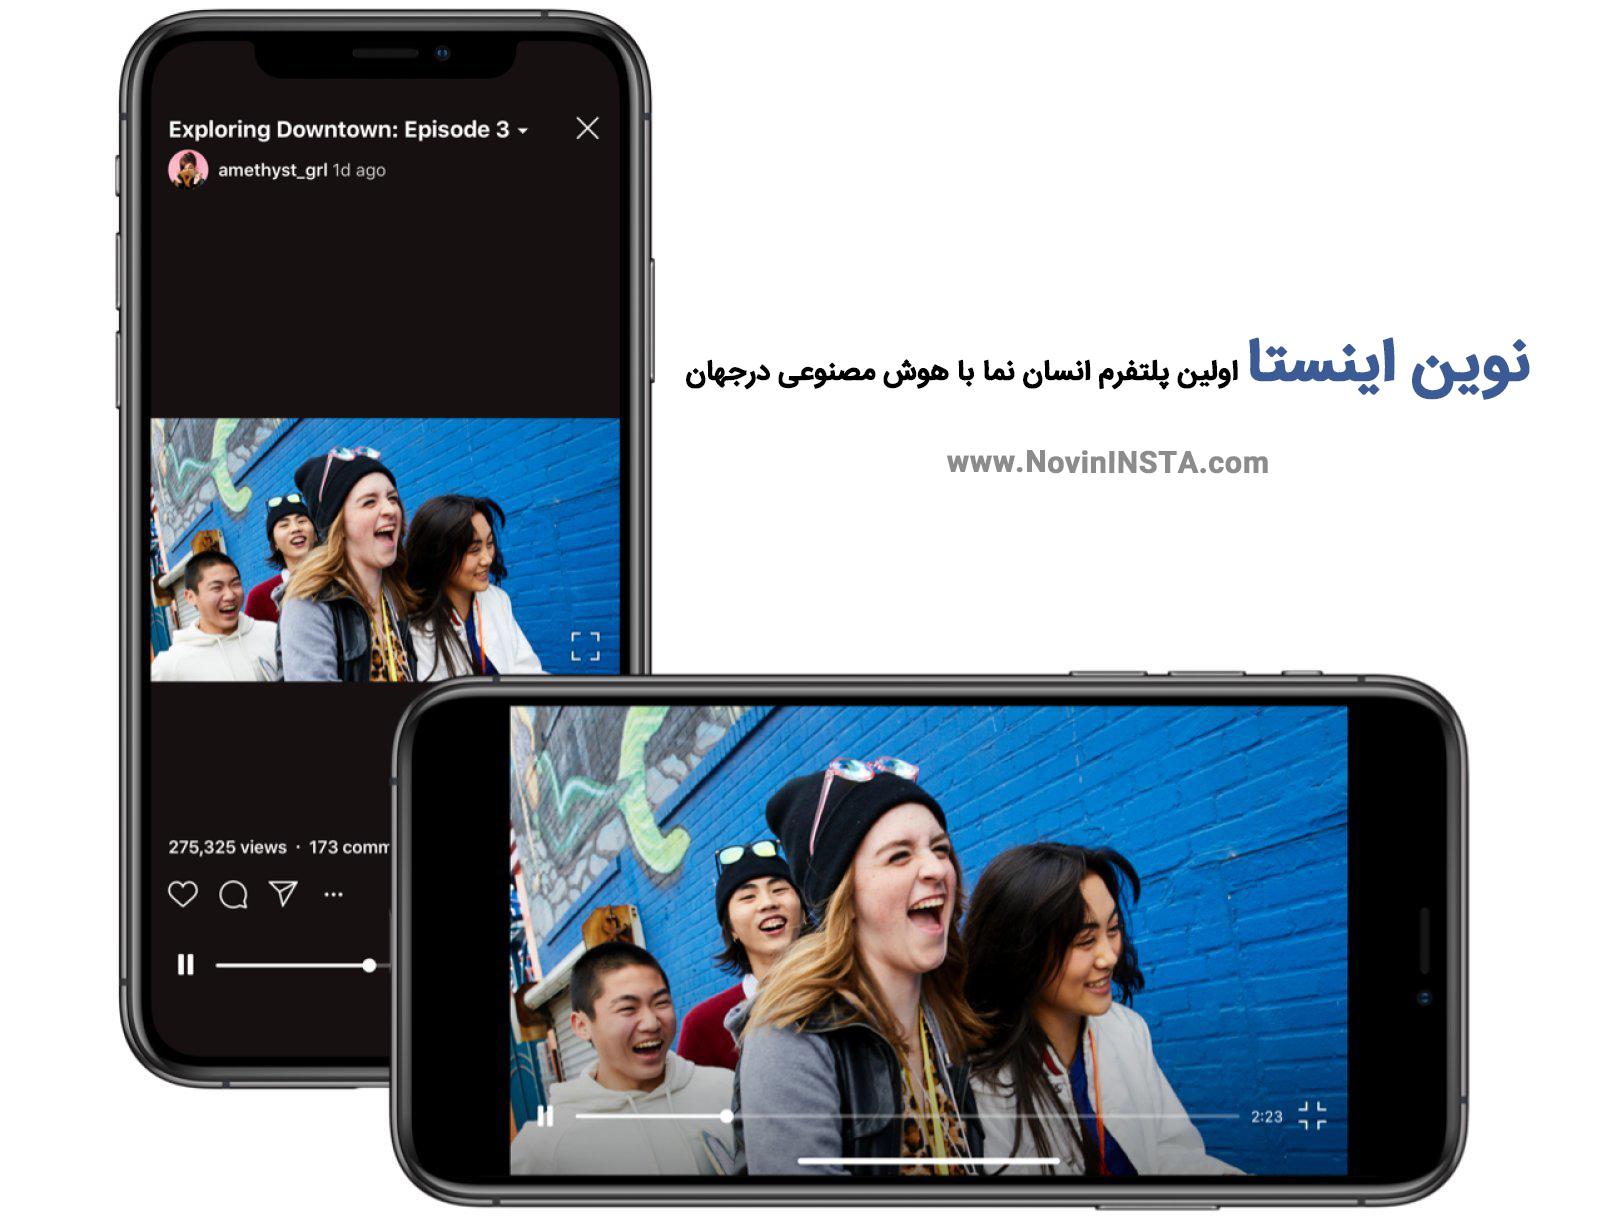 آموزش ویدیو افقی در IGTV اینستاگرام